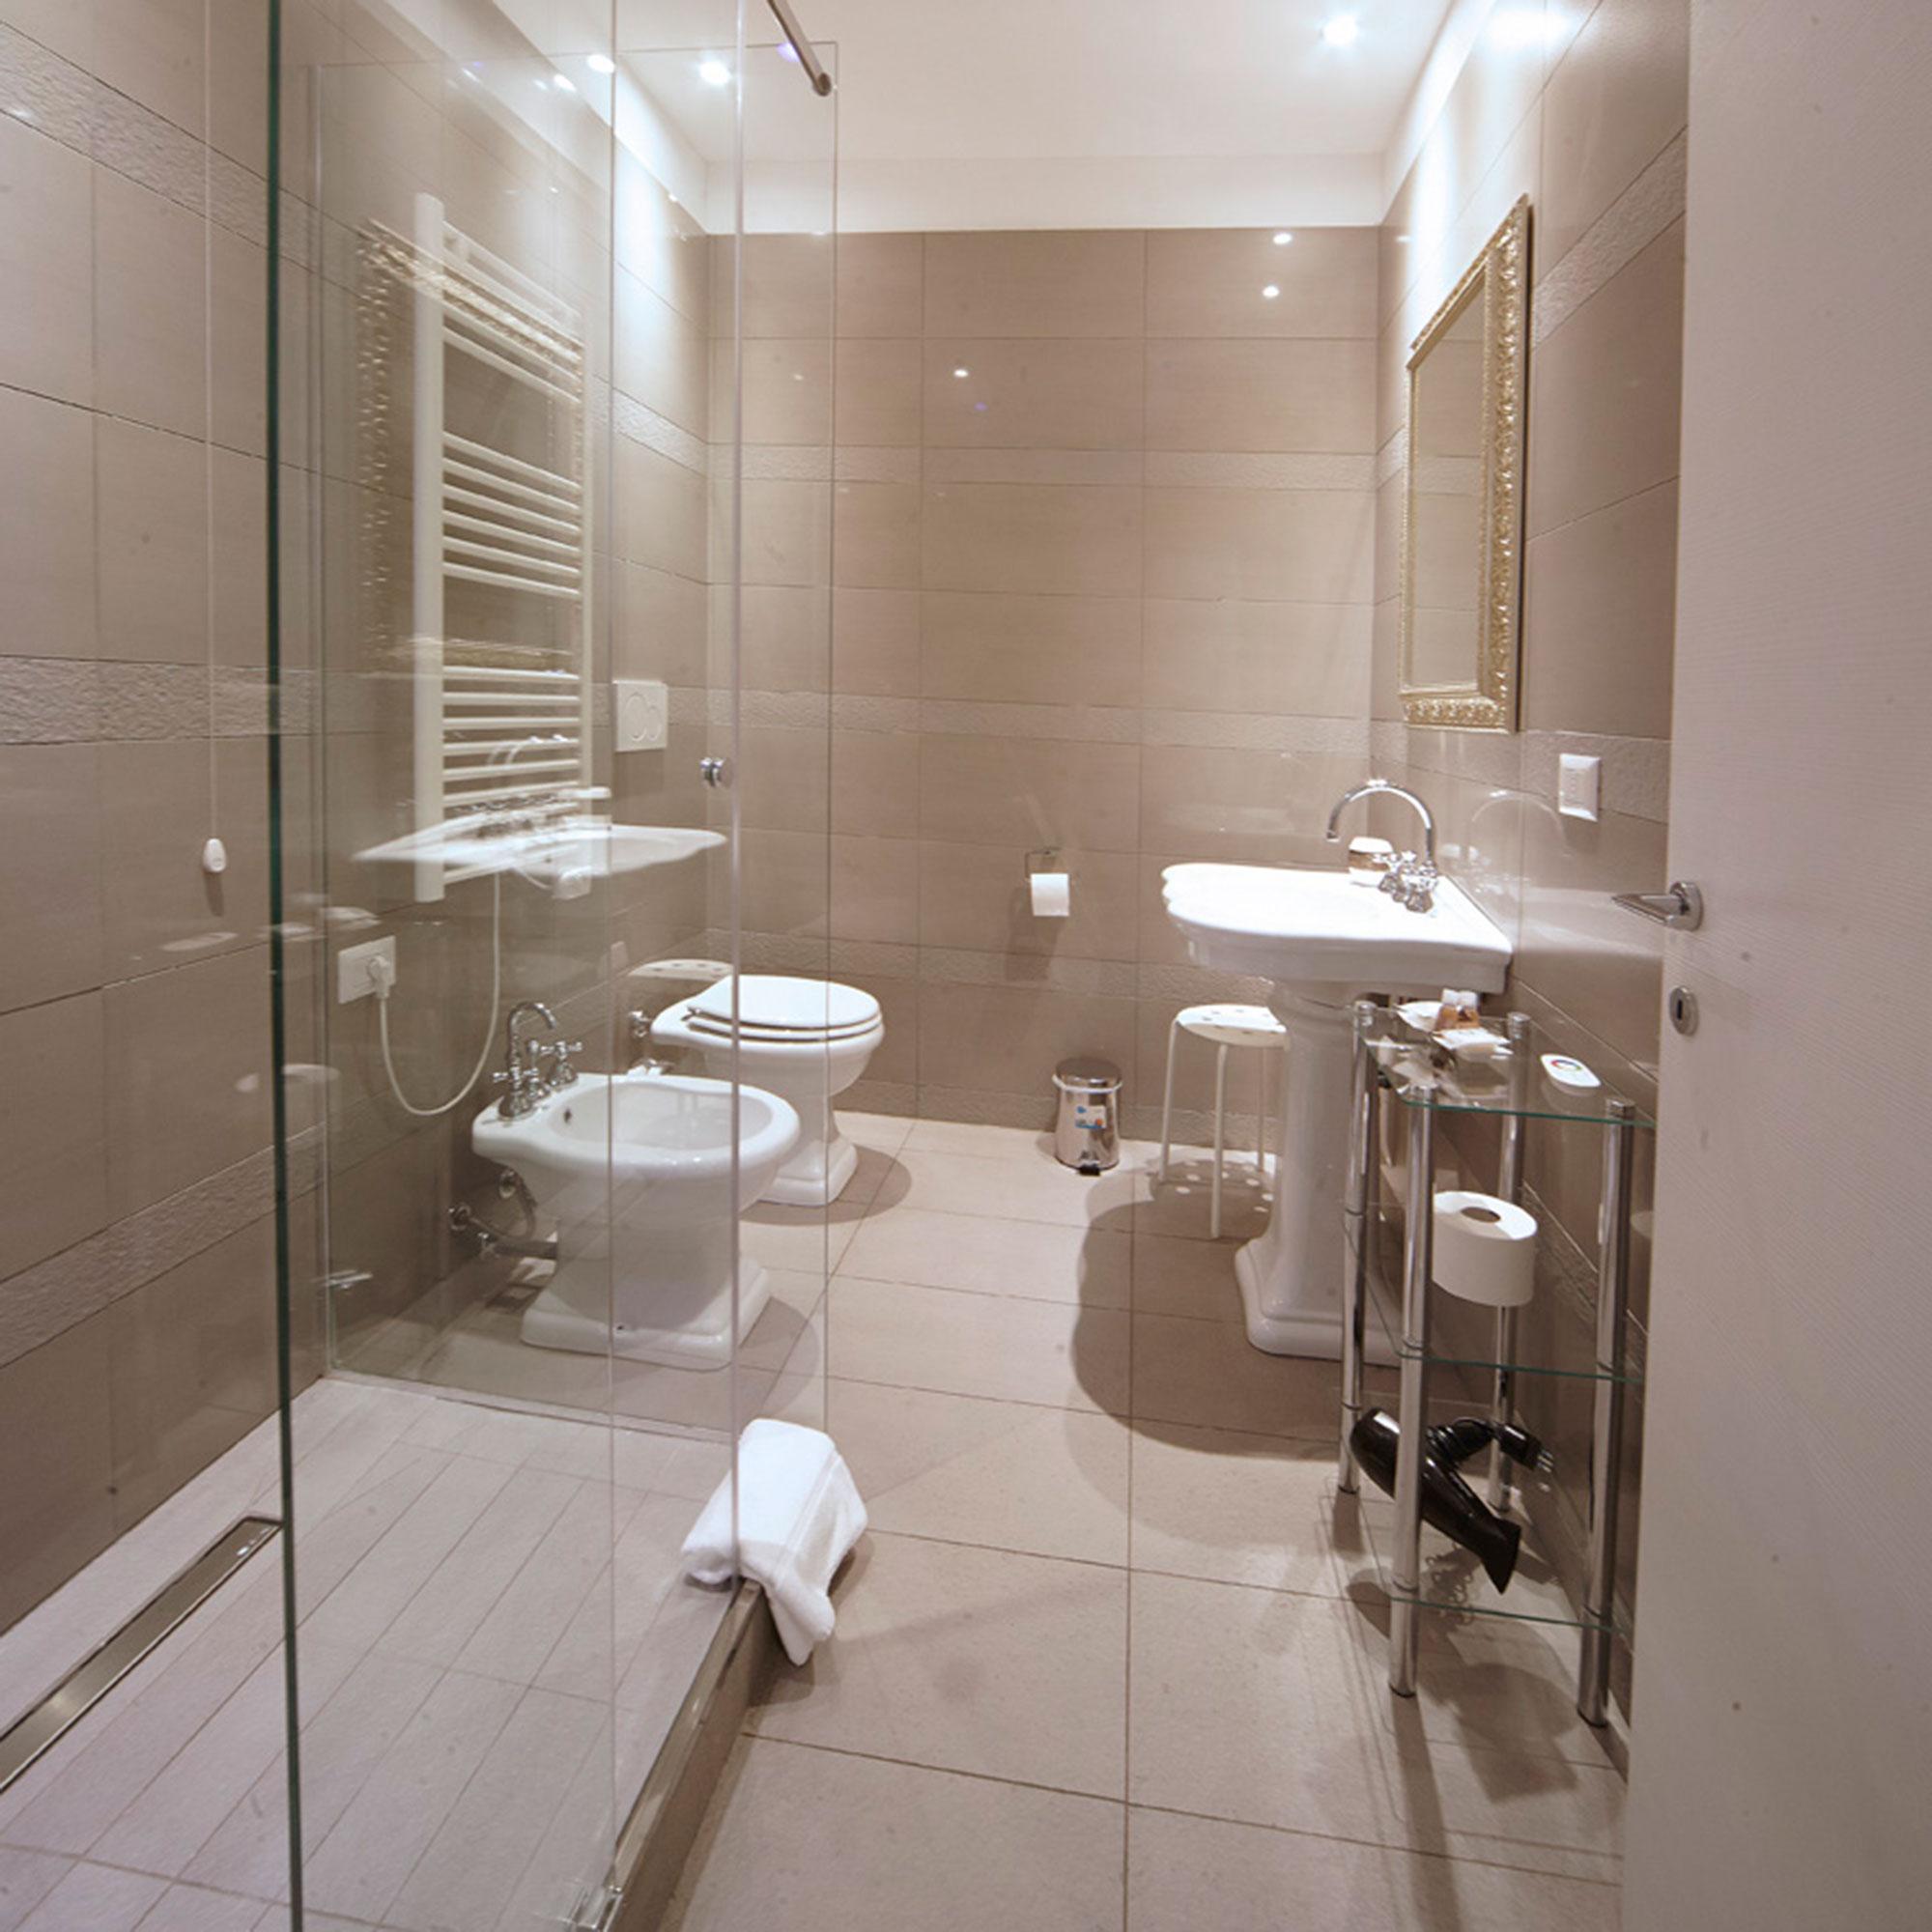 Camere milano navigli in boutique hotel - Tutto per il bagno milano ...